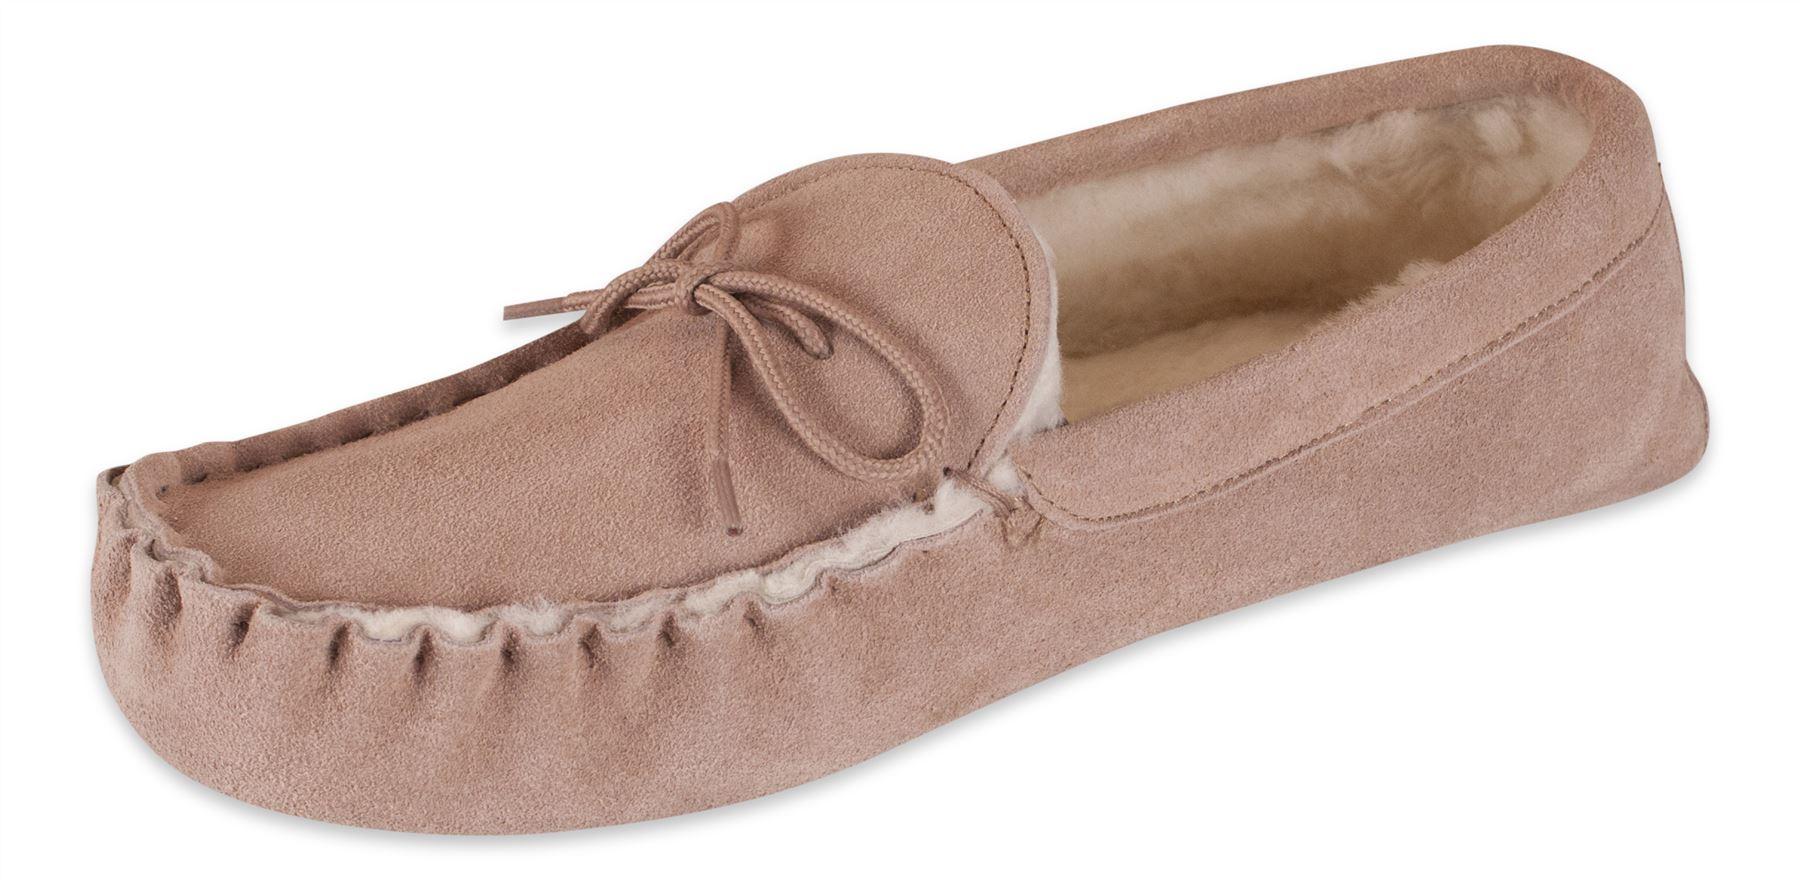 Zapatillas mocasín mujer 100% piel oveja ante super. suela suave 429-100 Nordvek